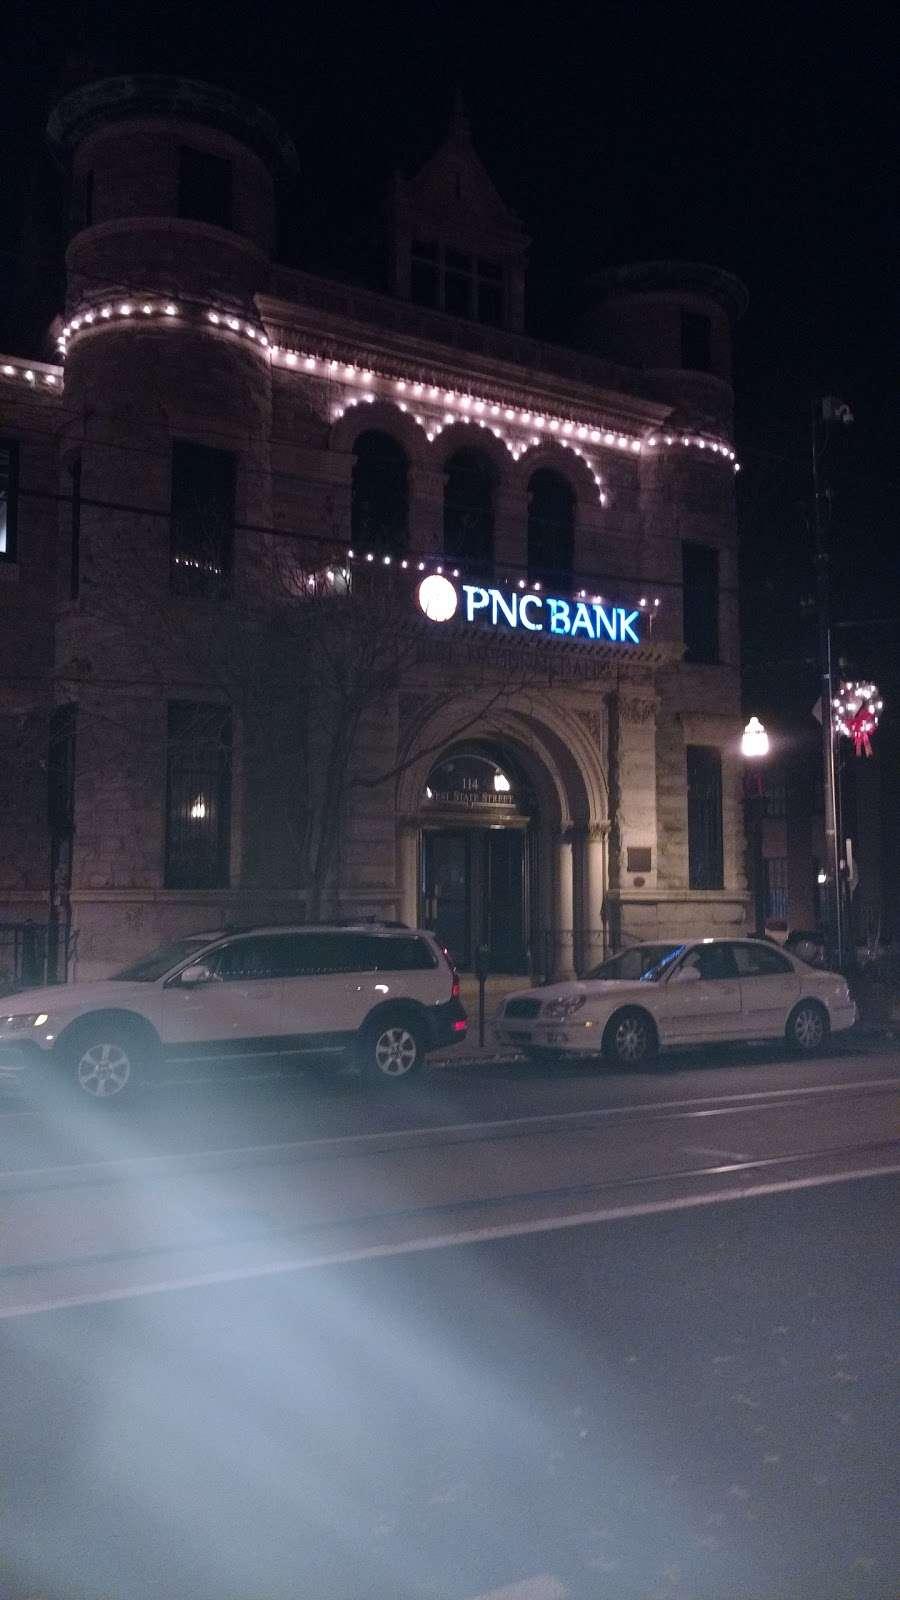 PNC Bank - bank    Photo 5 of 7   Address: 114 W State St, Media, PA 19063, USA   Phone: (610) 892-2650